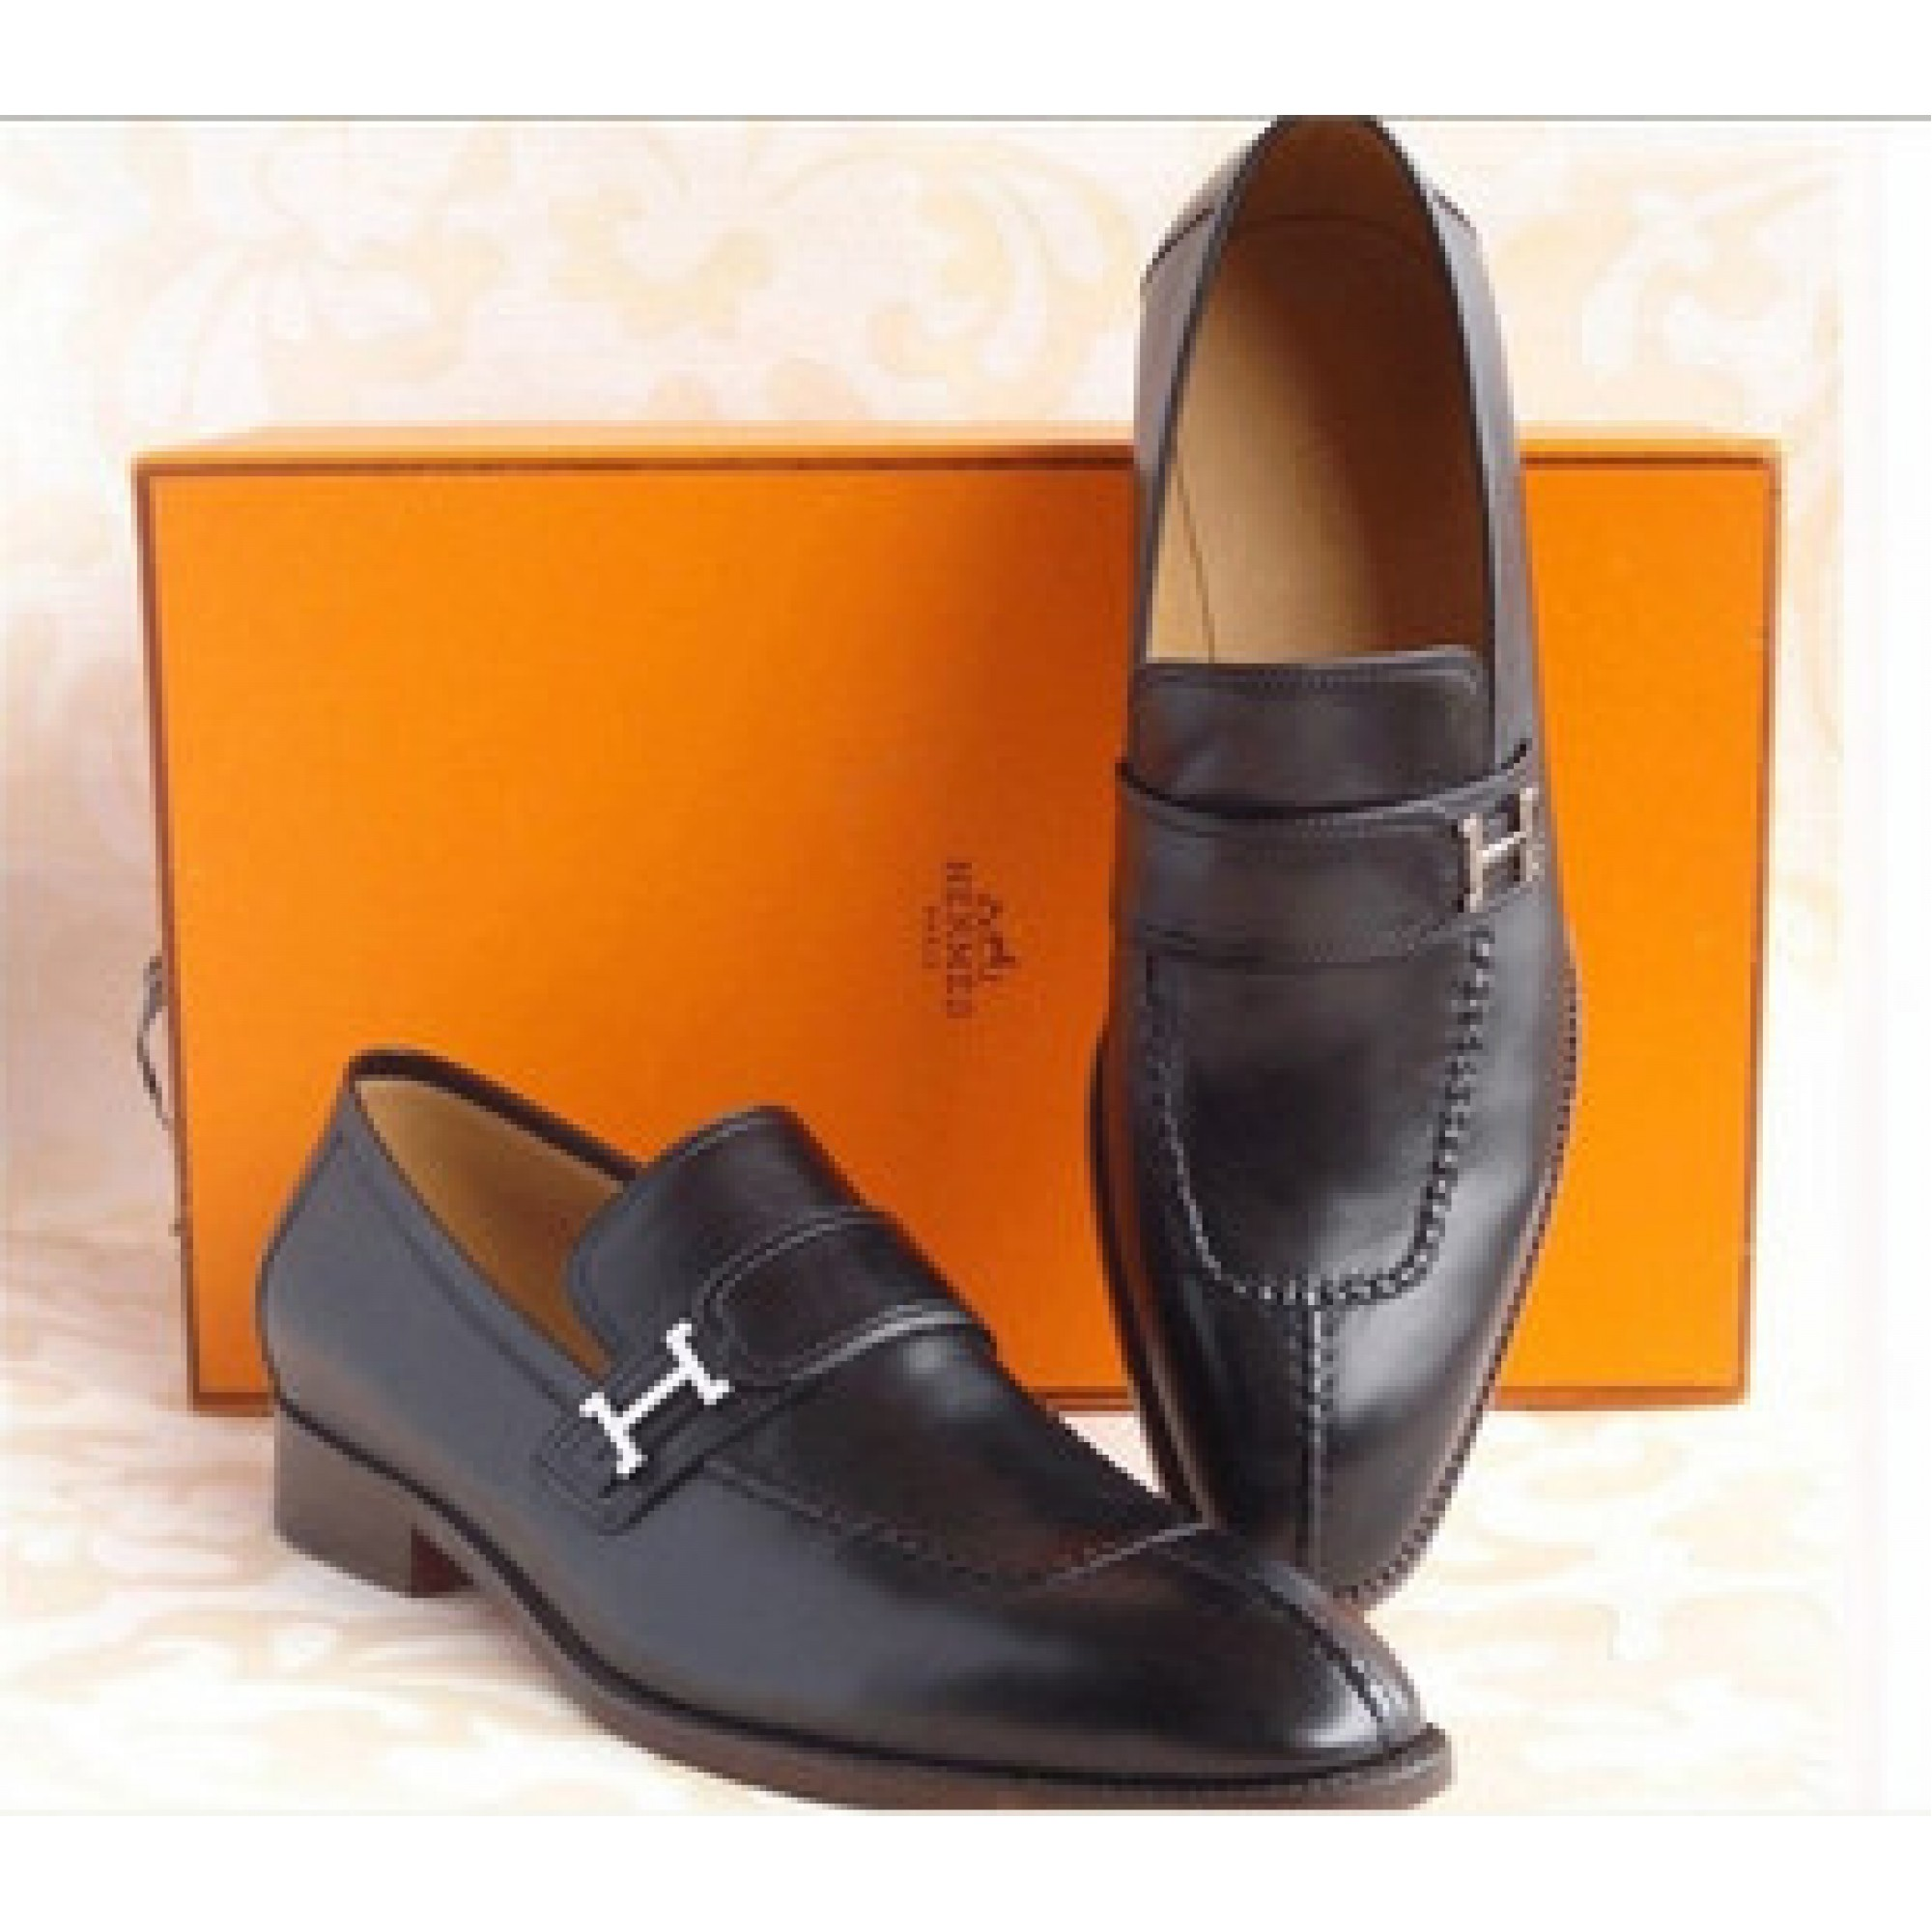 Купить черные туфли мужские Hermes — в Киеве, код товара 5539 b473cc66a9e